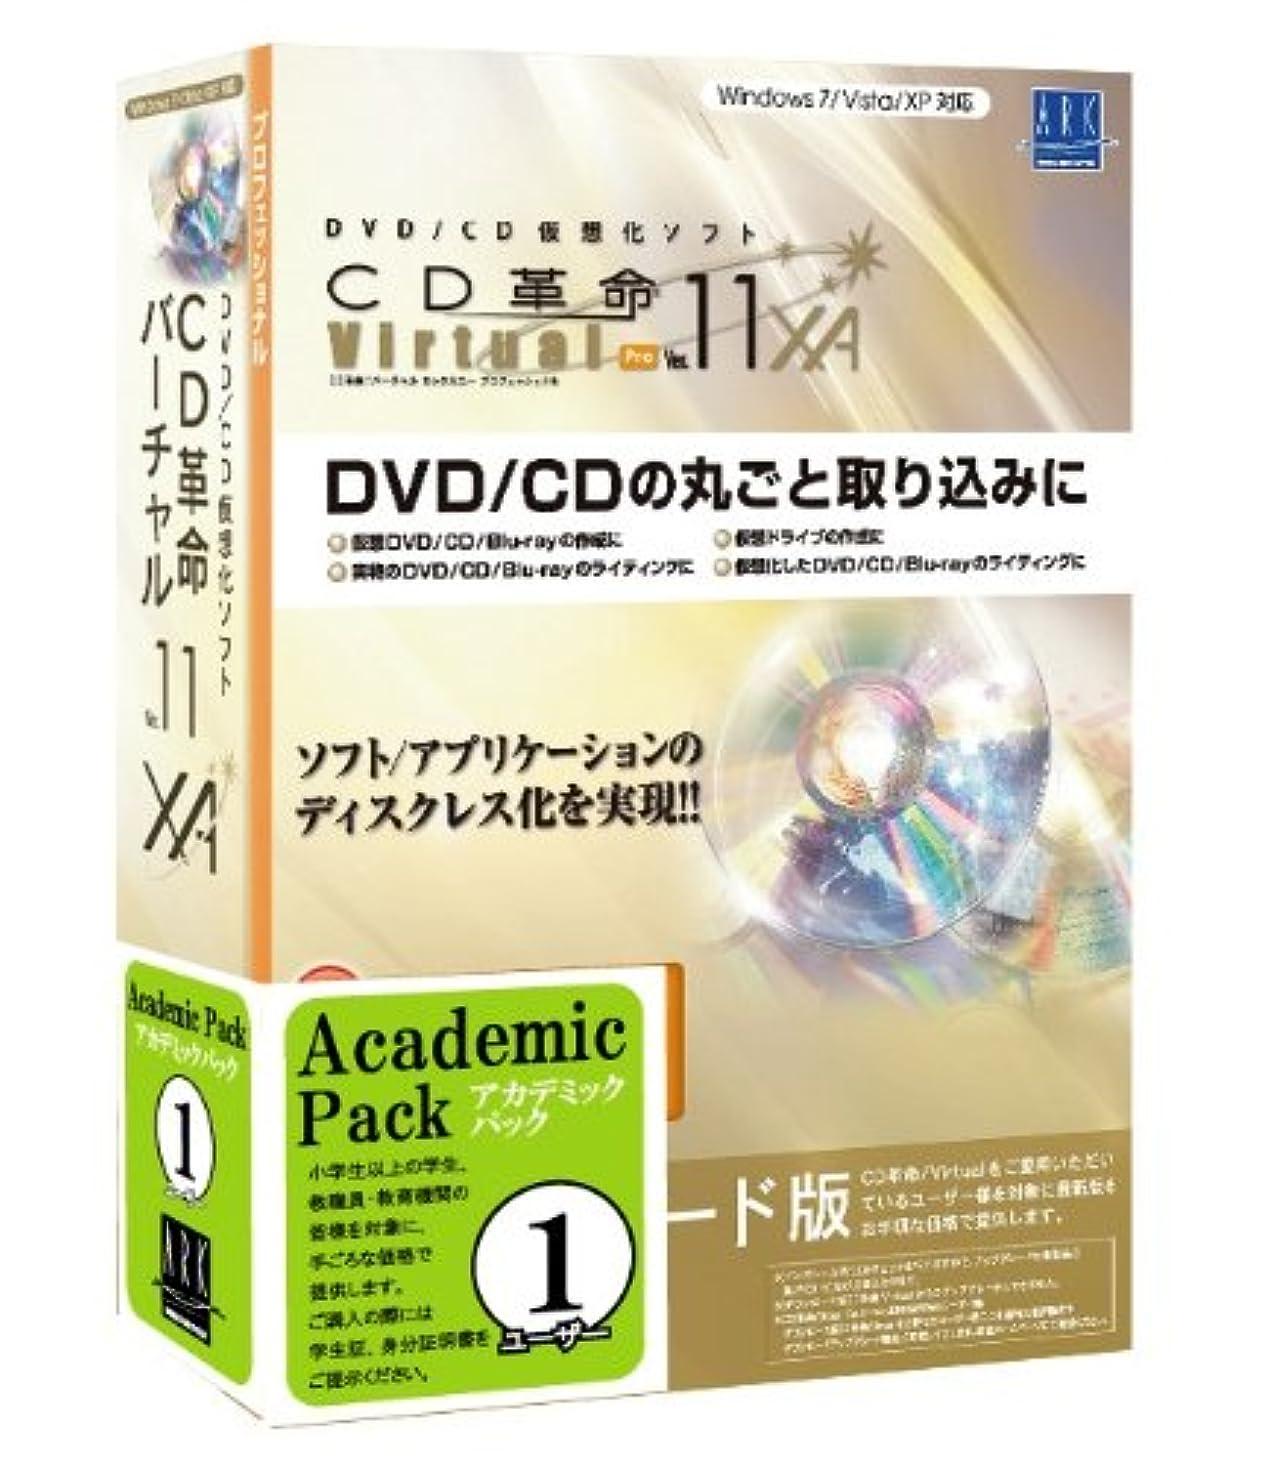 キャメルリファイン知覚するCD革命/Virtual Ver.11 XA Pro アカデミック アップグレード版